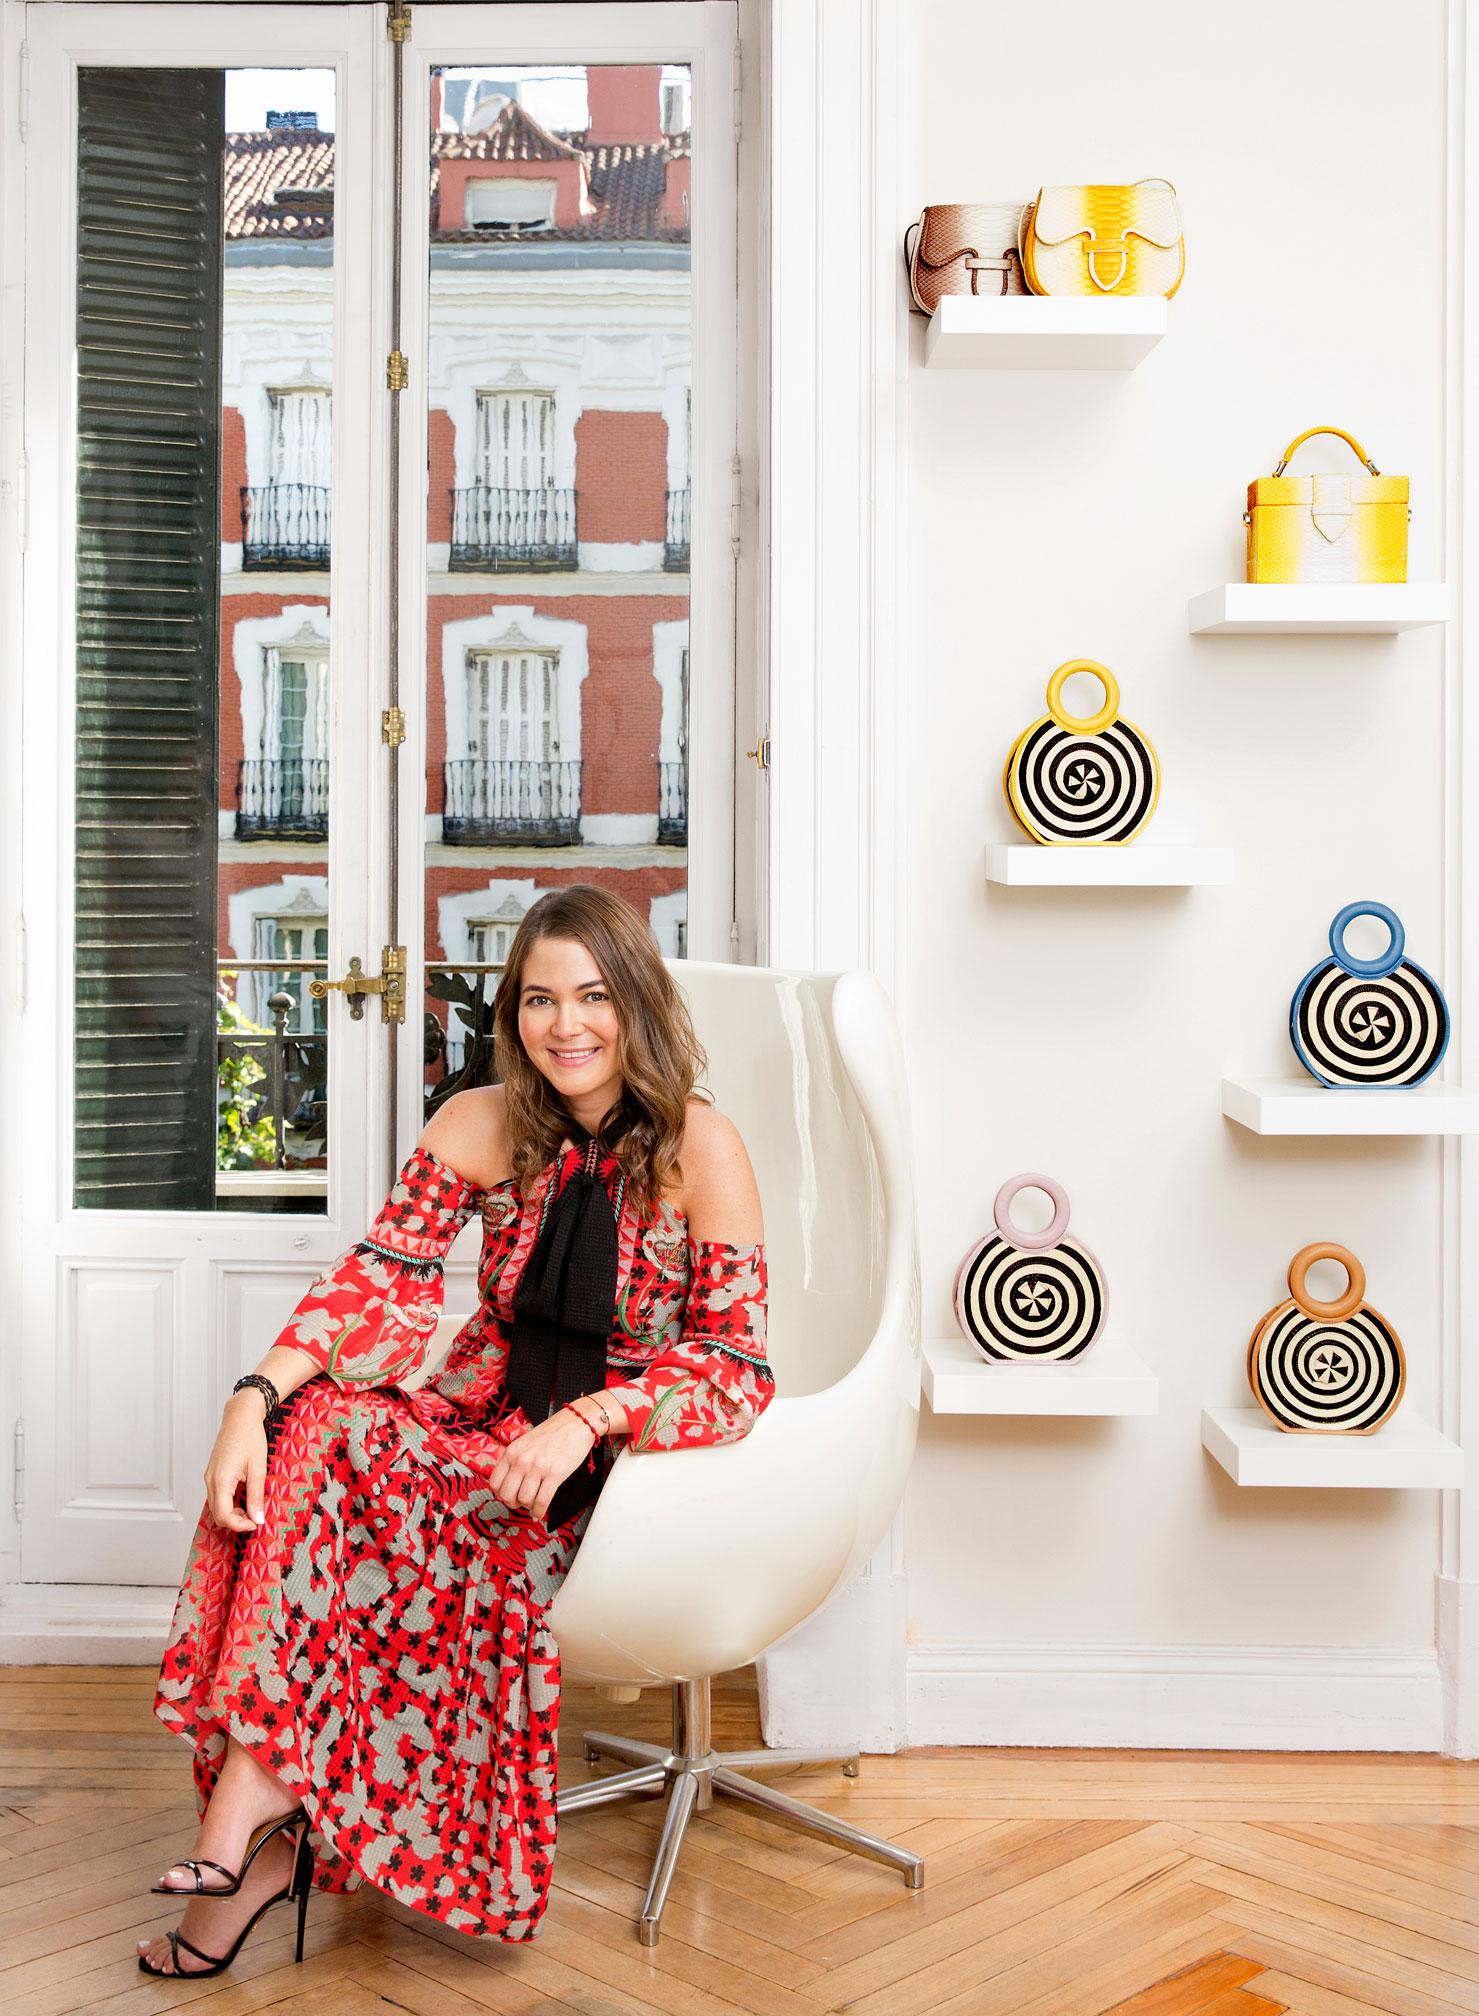 La diseñadora colombiana actualmente se encuentra en España cursando un Máster en el Instituto de Empresa